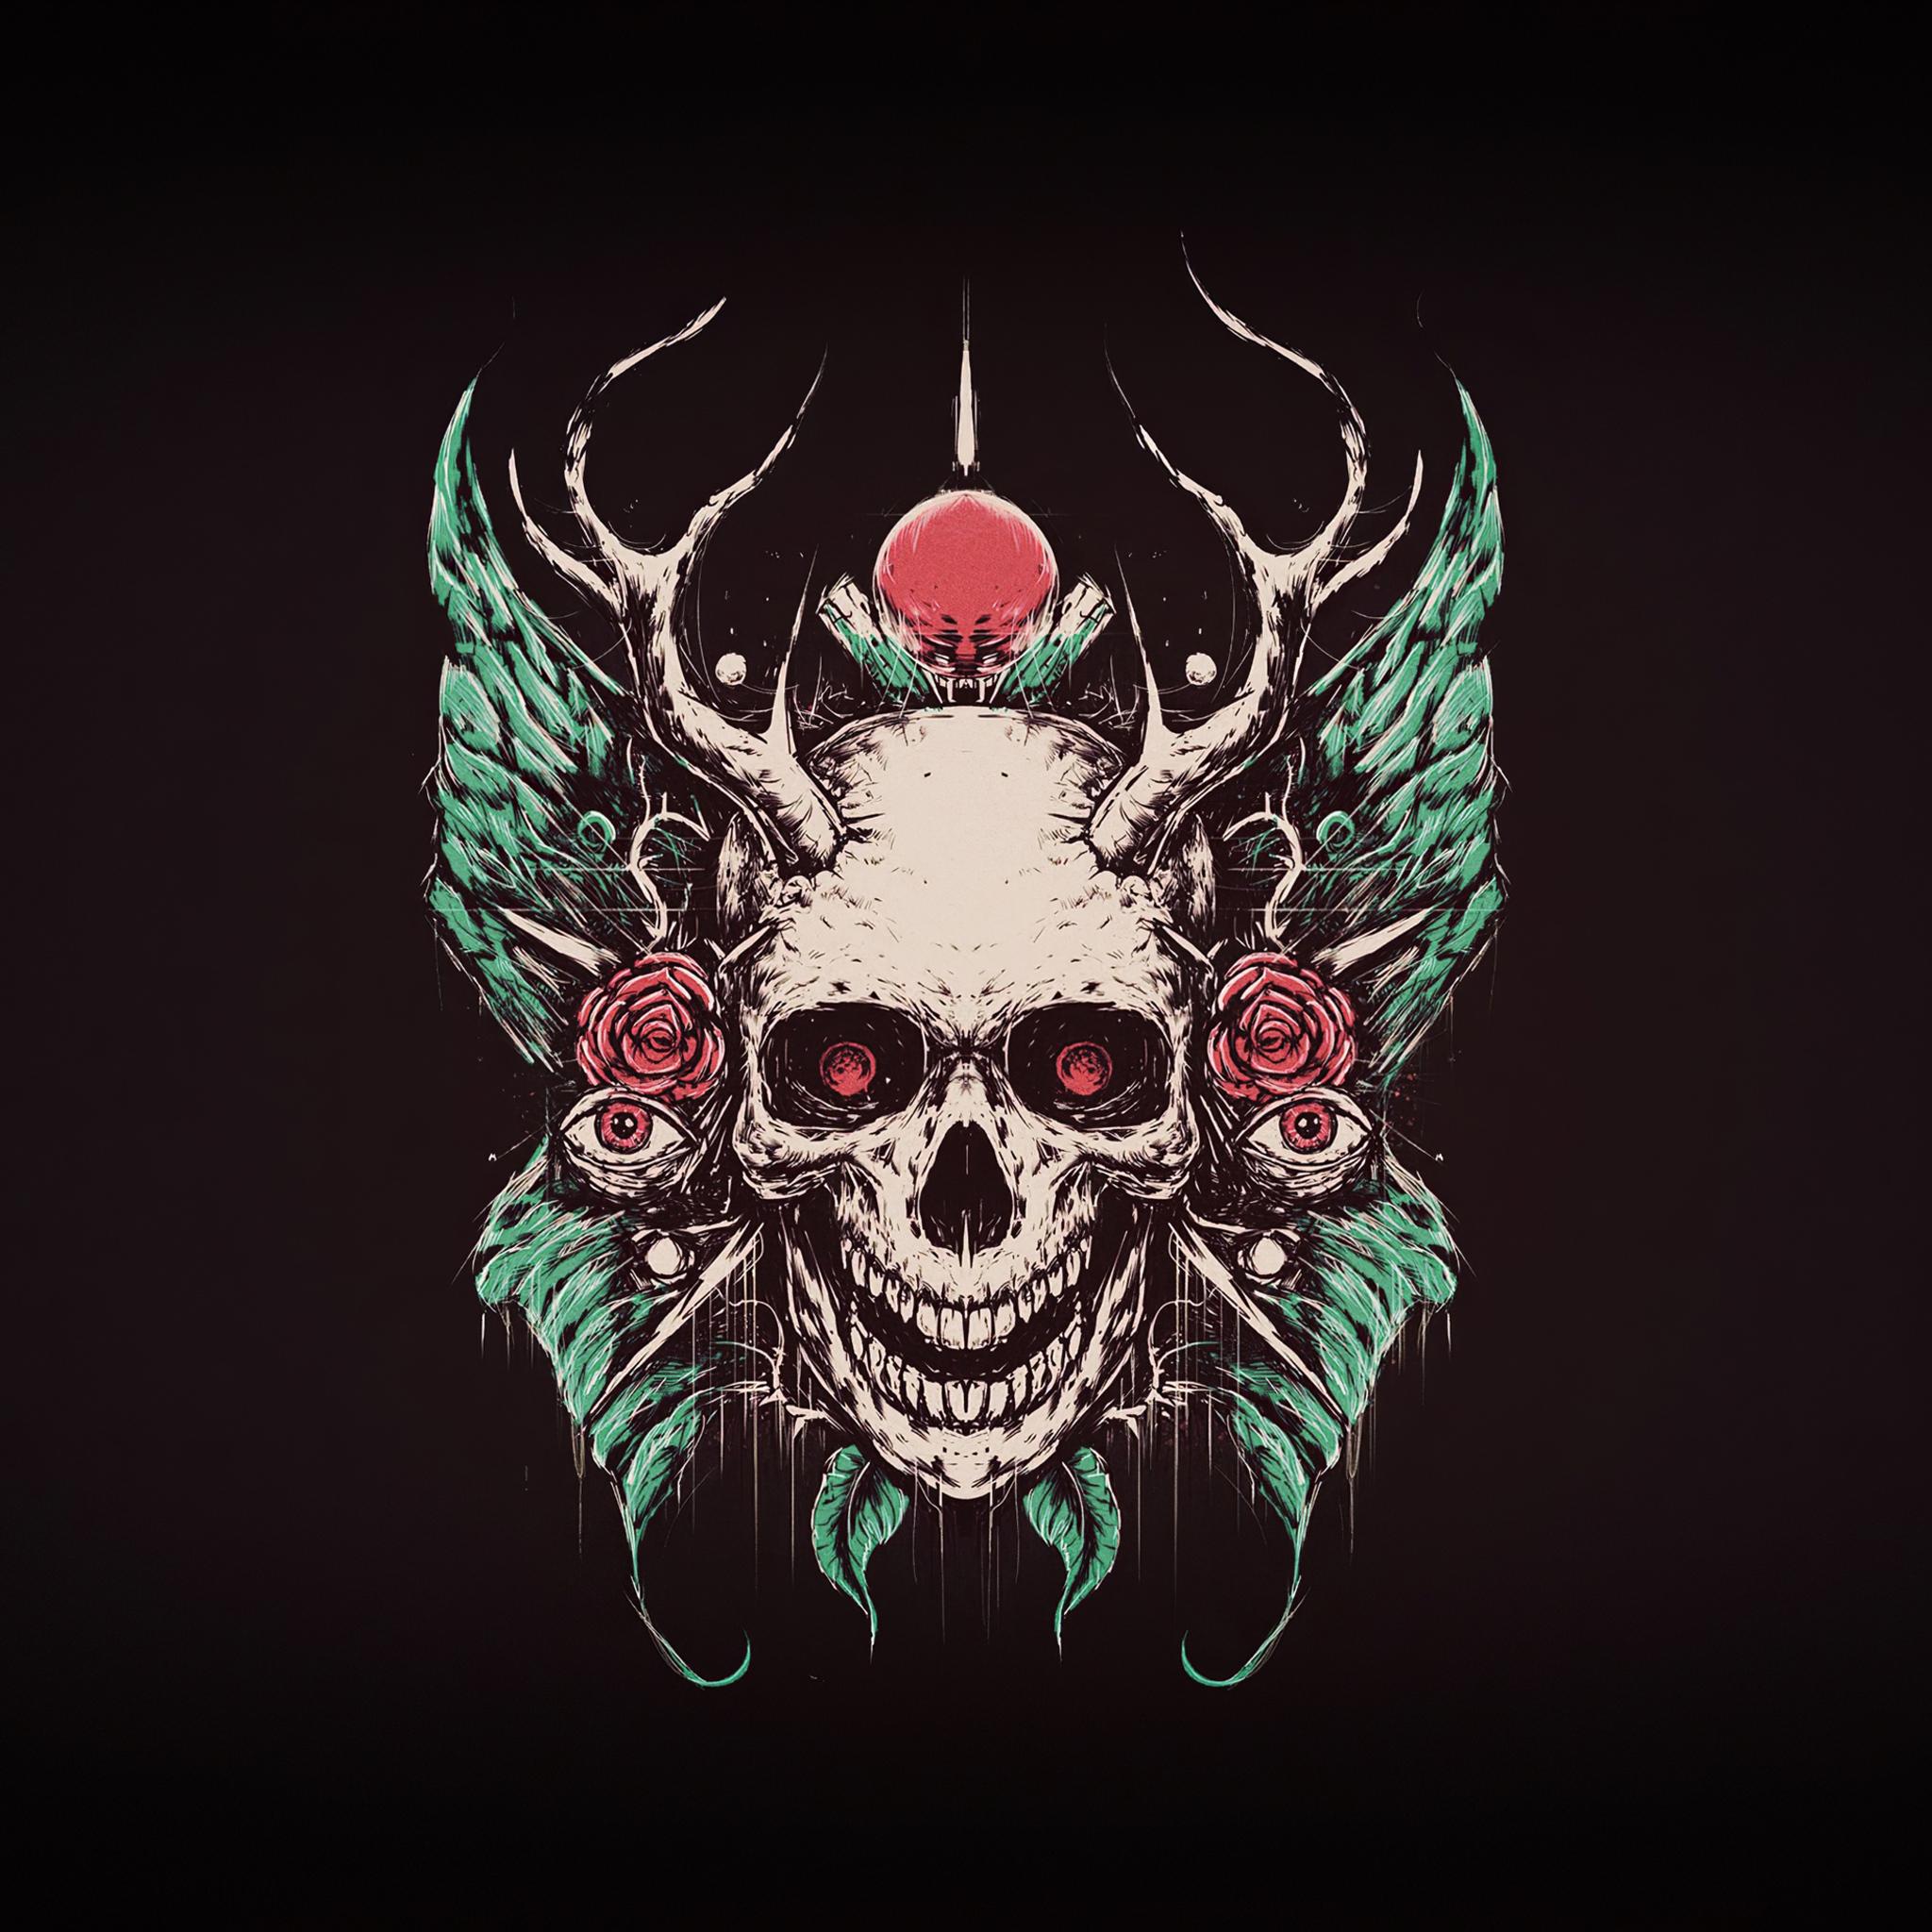 skull-crown-4k-tt.jpg